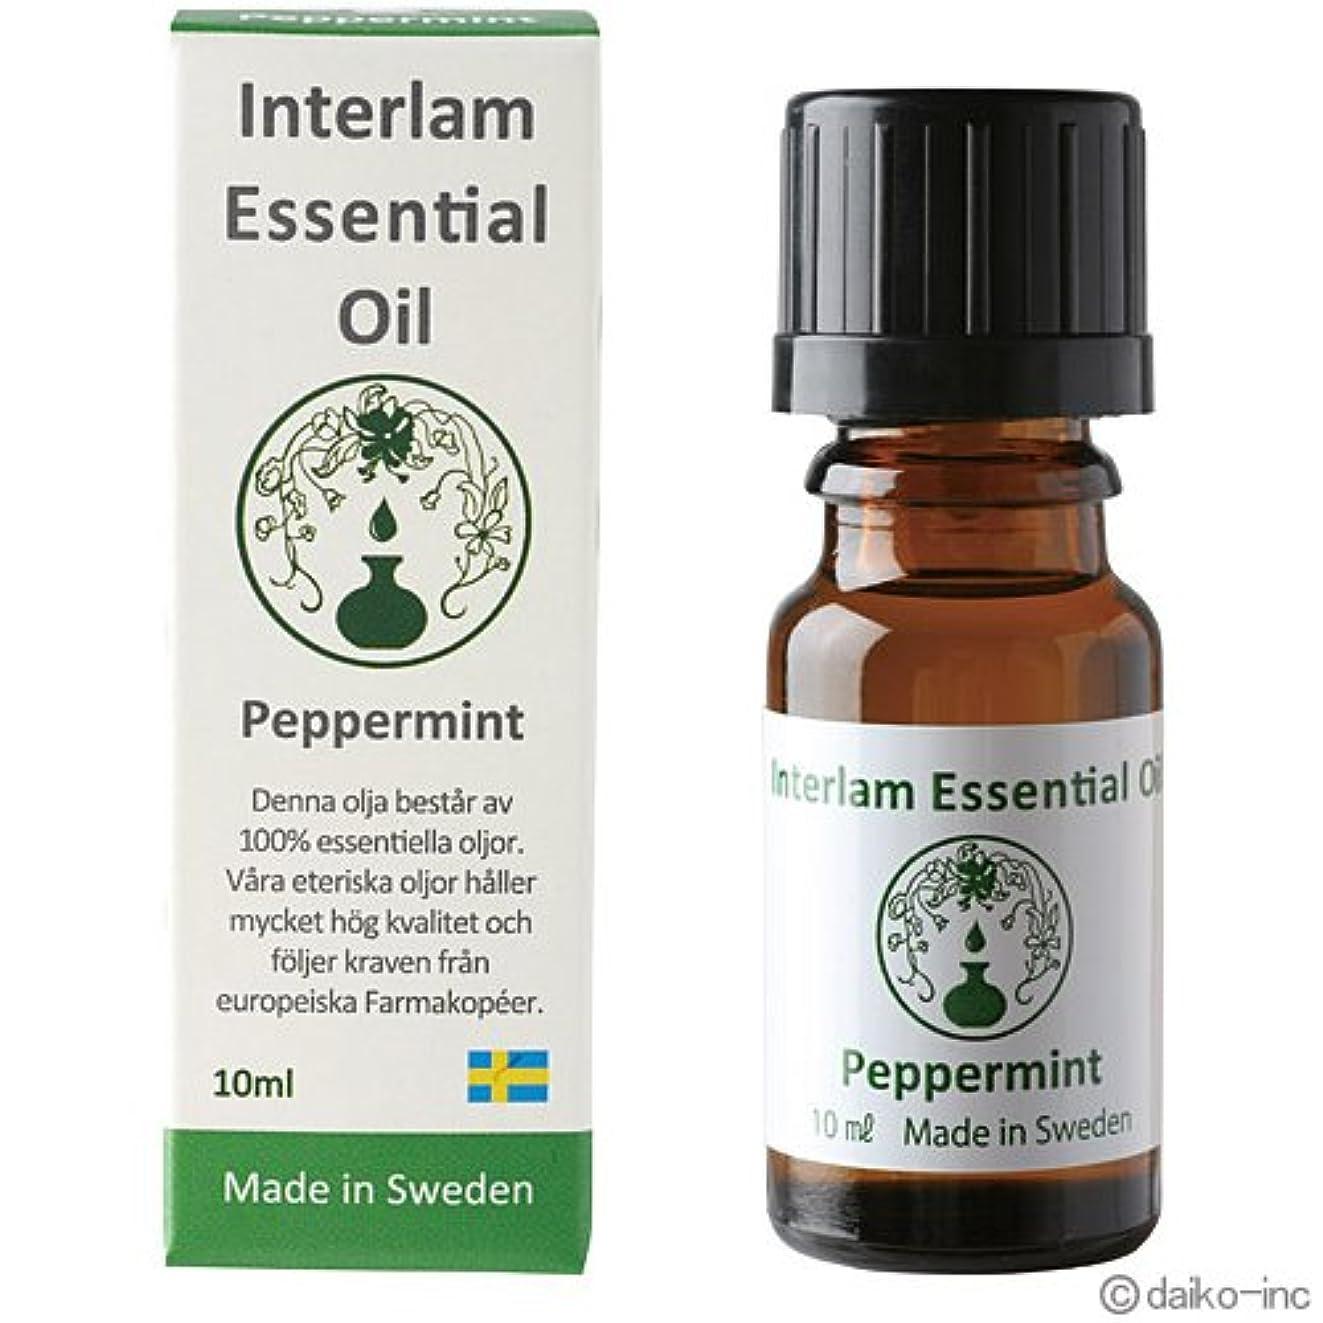 本質的ではないフィラデルフィア終了するInterlam Essential Oil ペパーミント 10ml